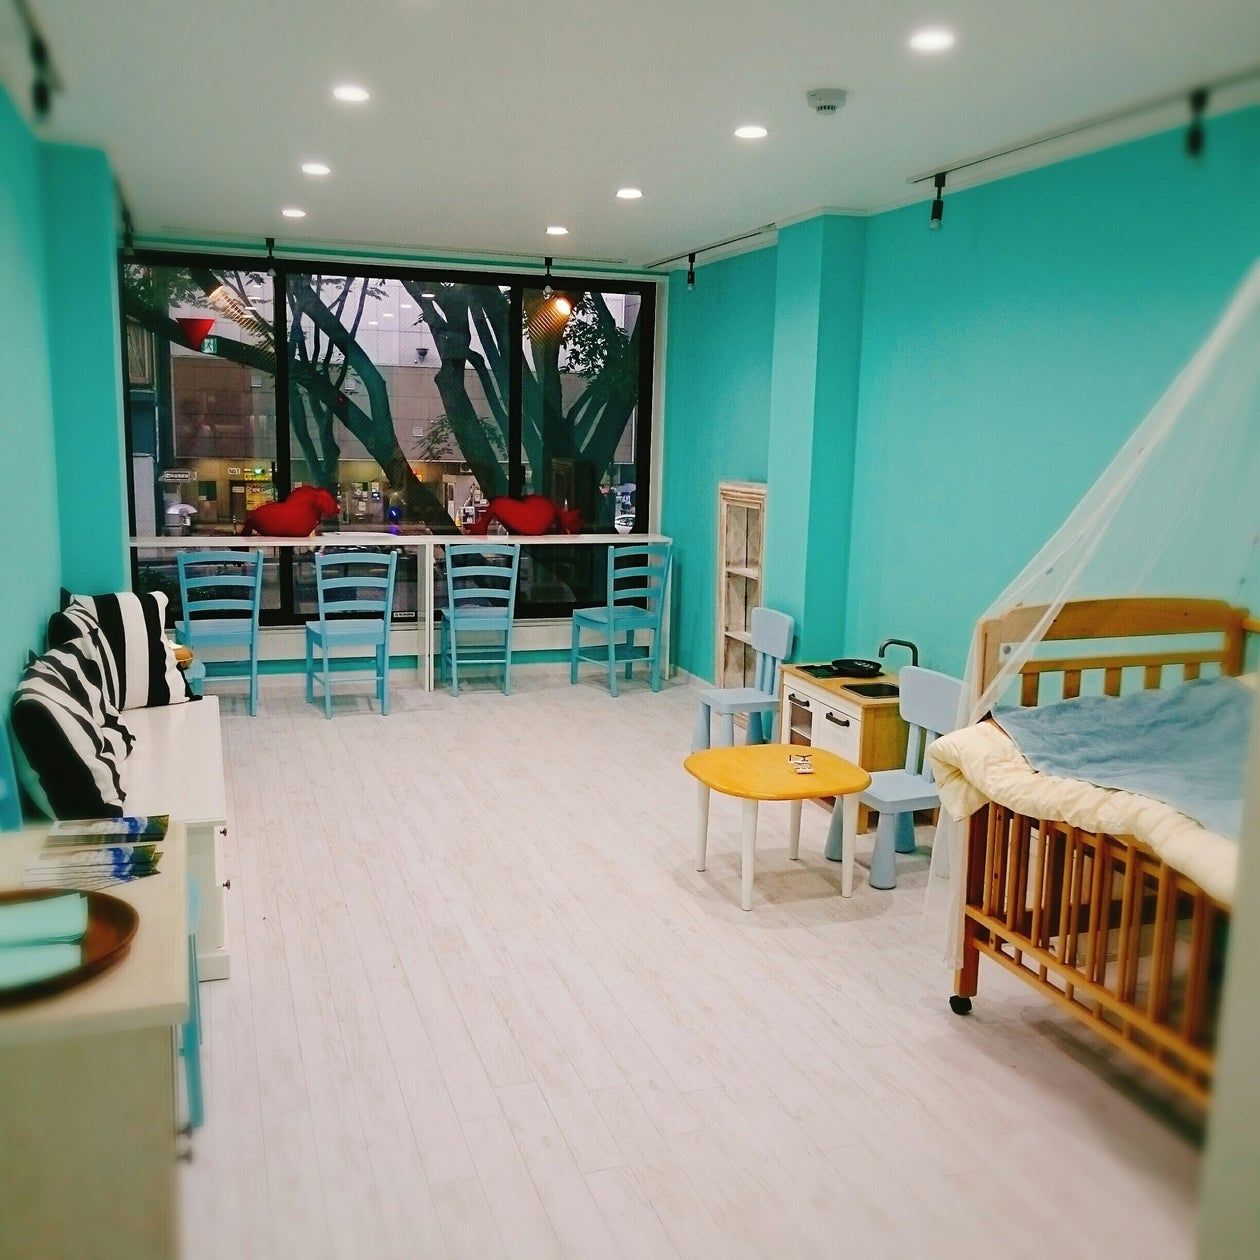 きれいな内装にアクセス良好。お友達とお茶会やセミナーなど活用できます! の写真